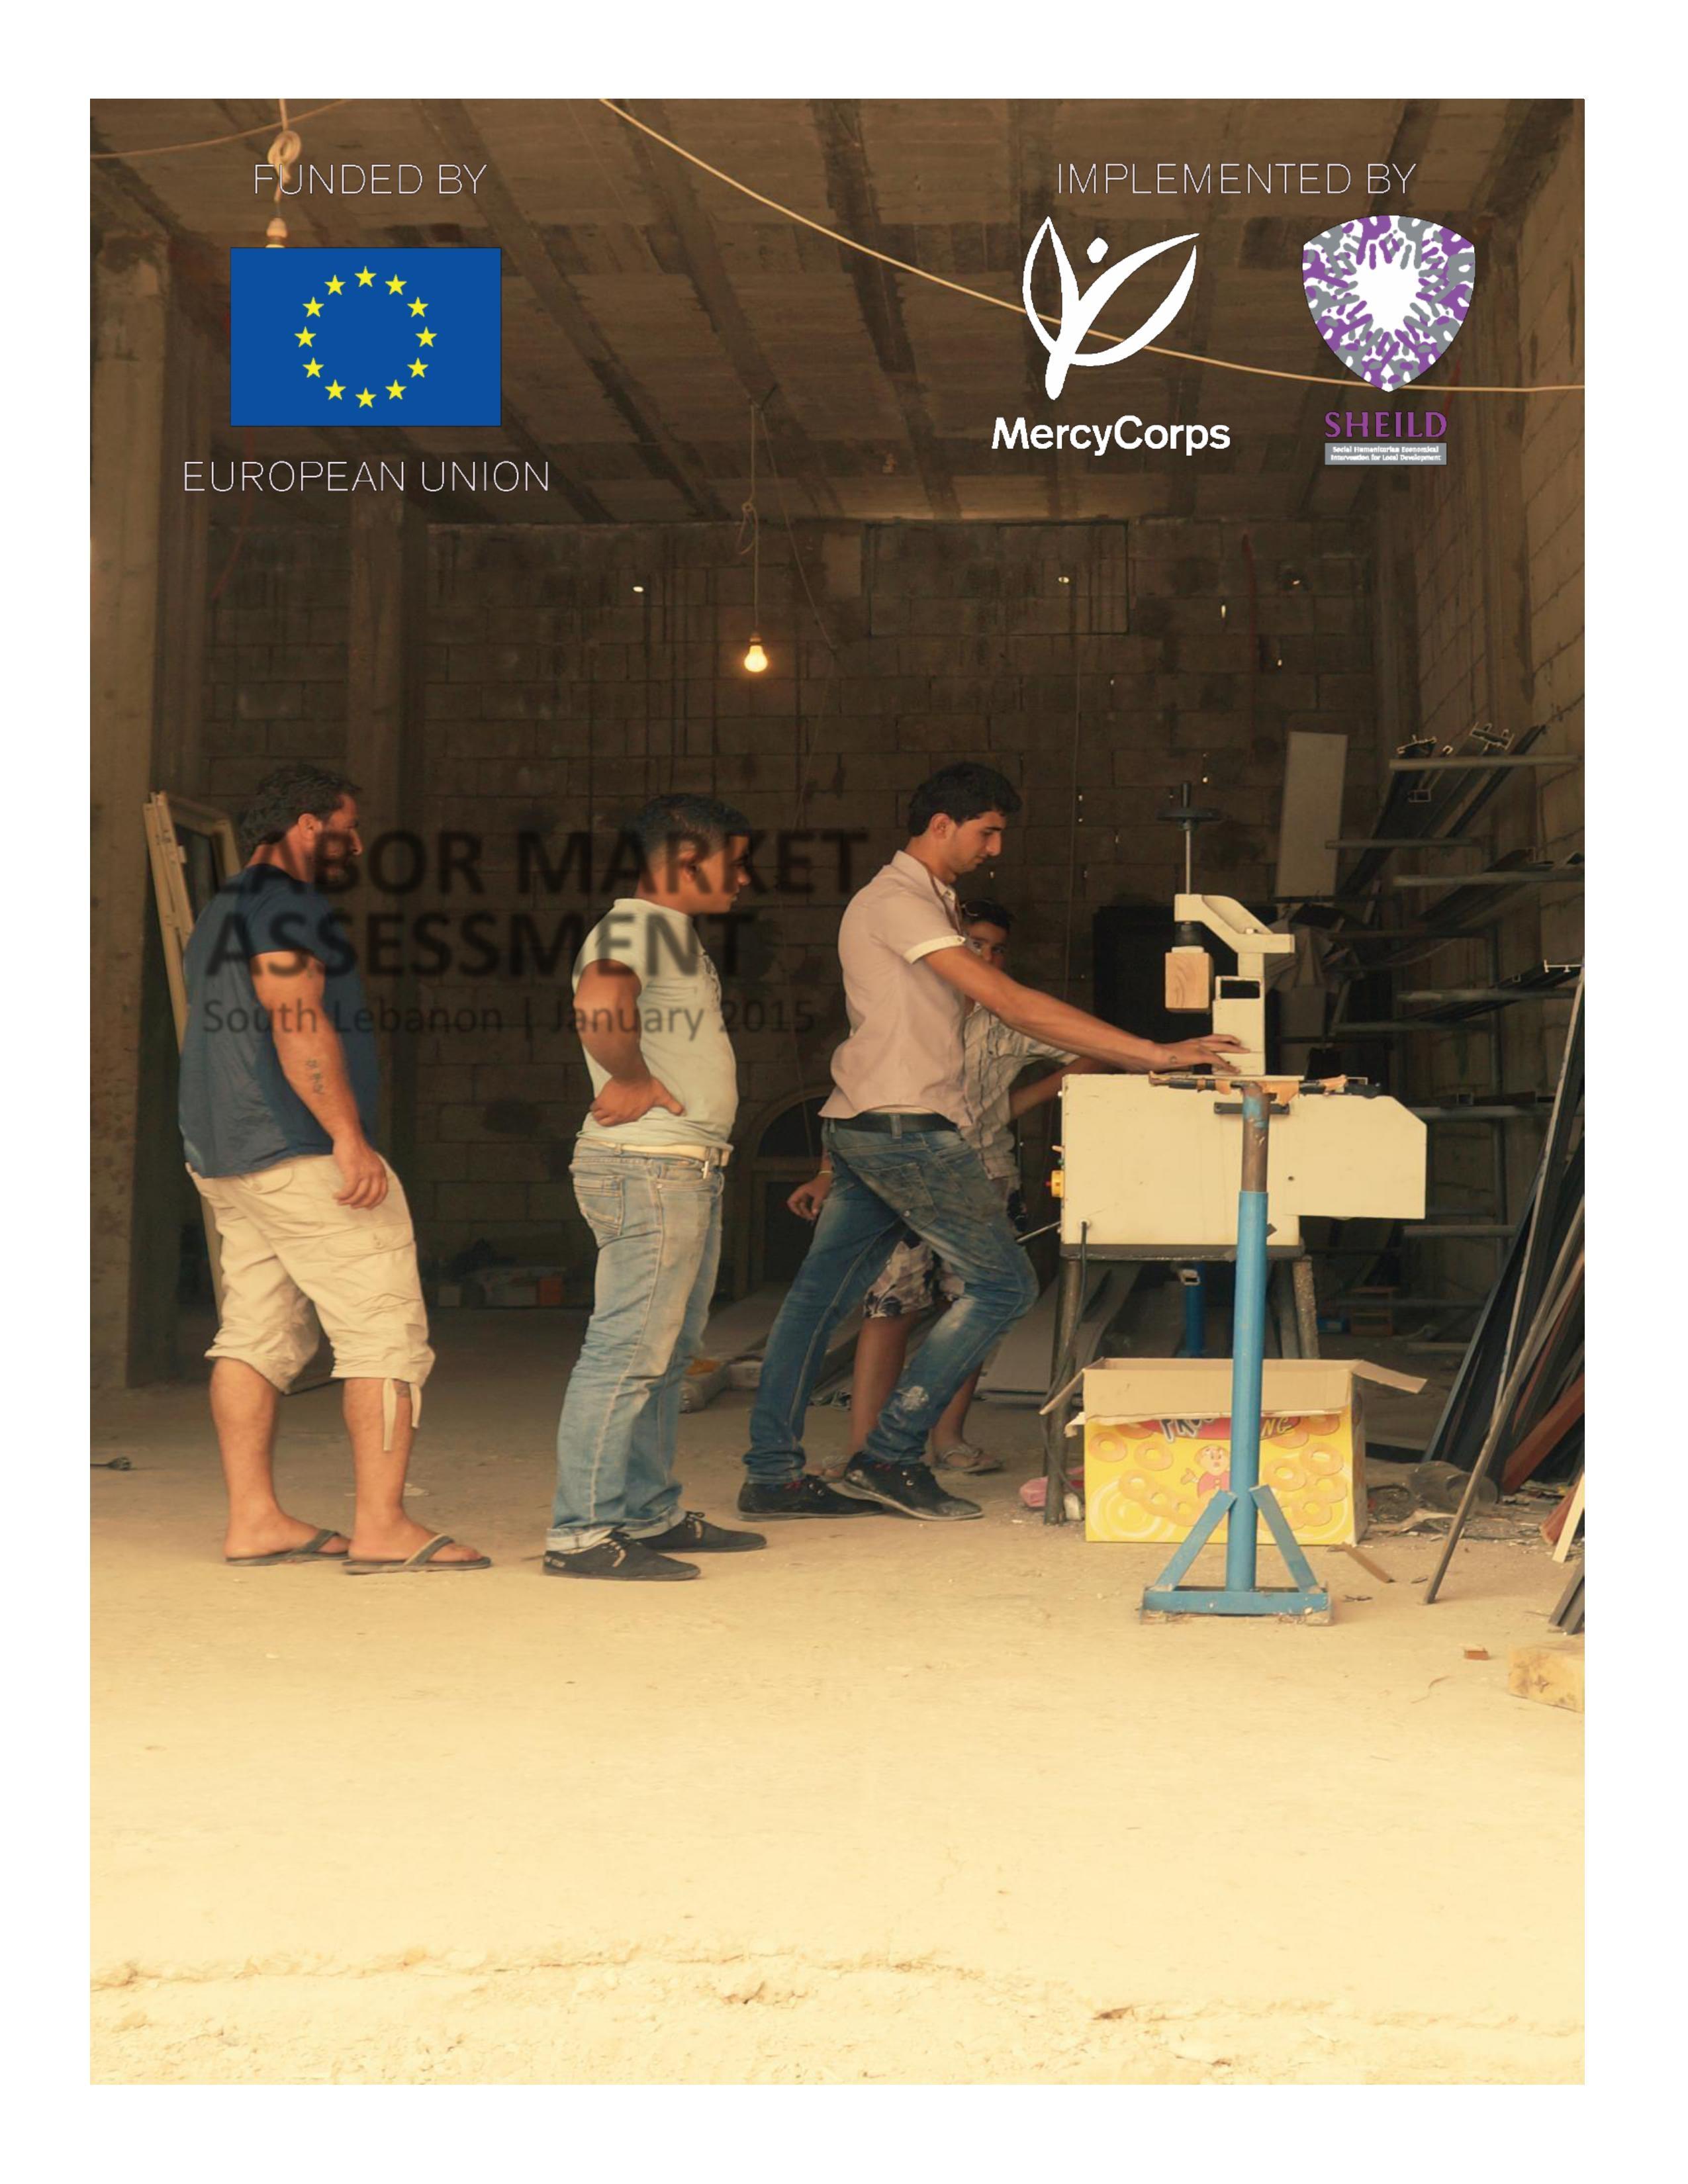 Labor Market Assessment In South Lebanon